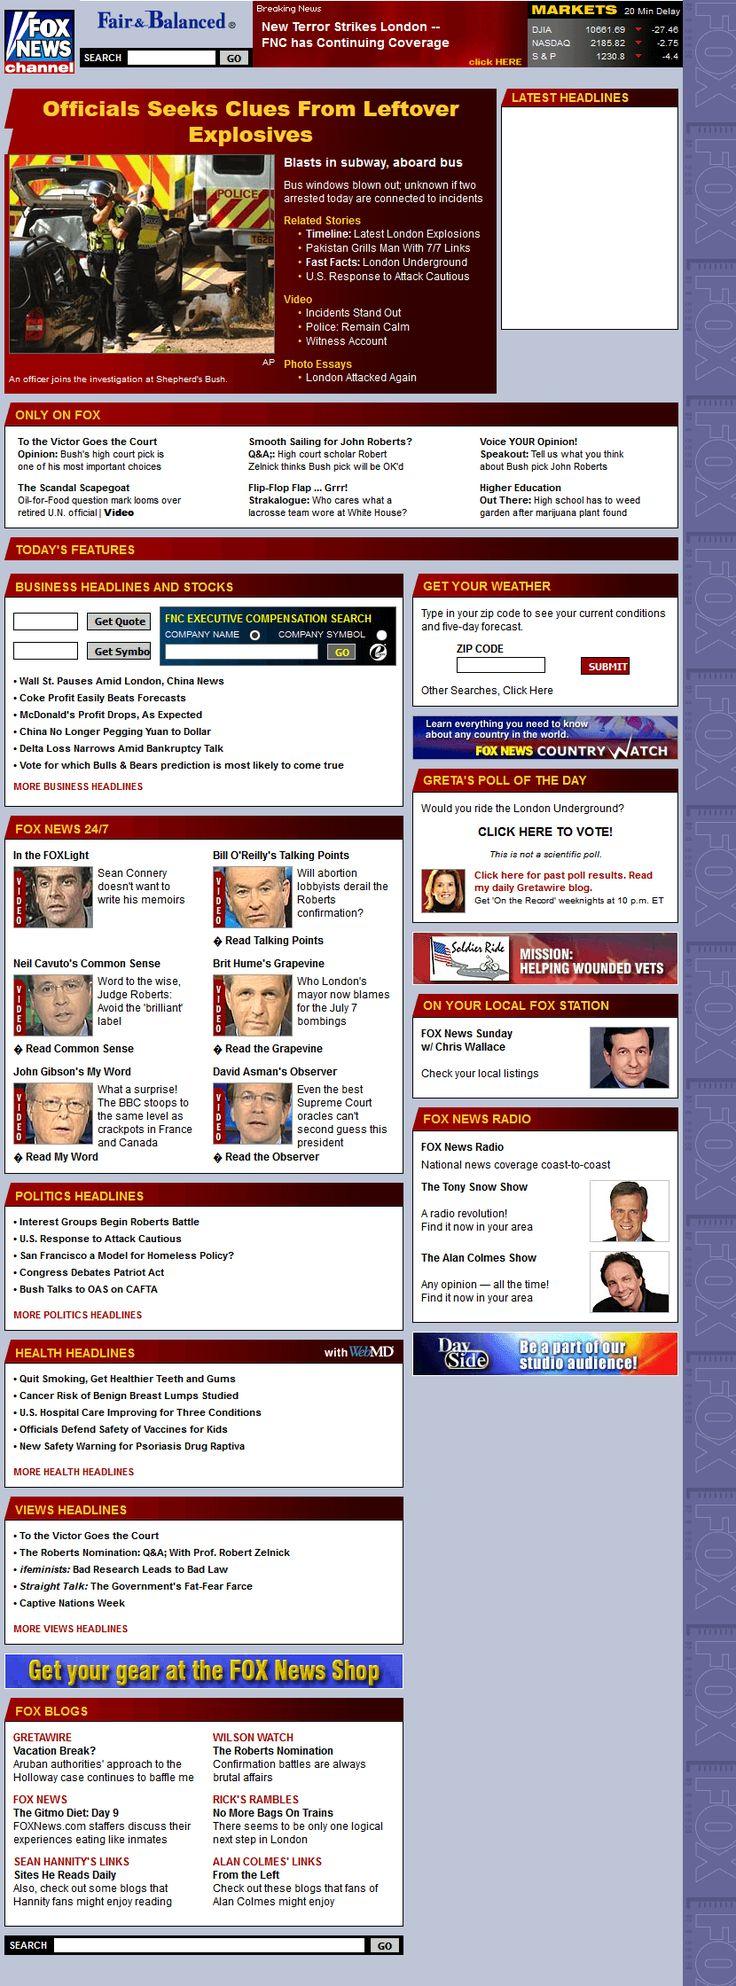 Fox News Channel website in 2005